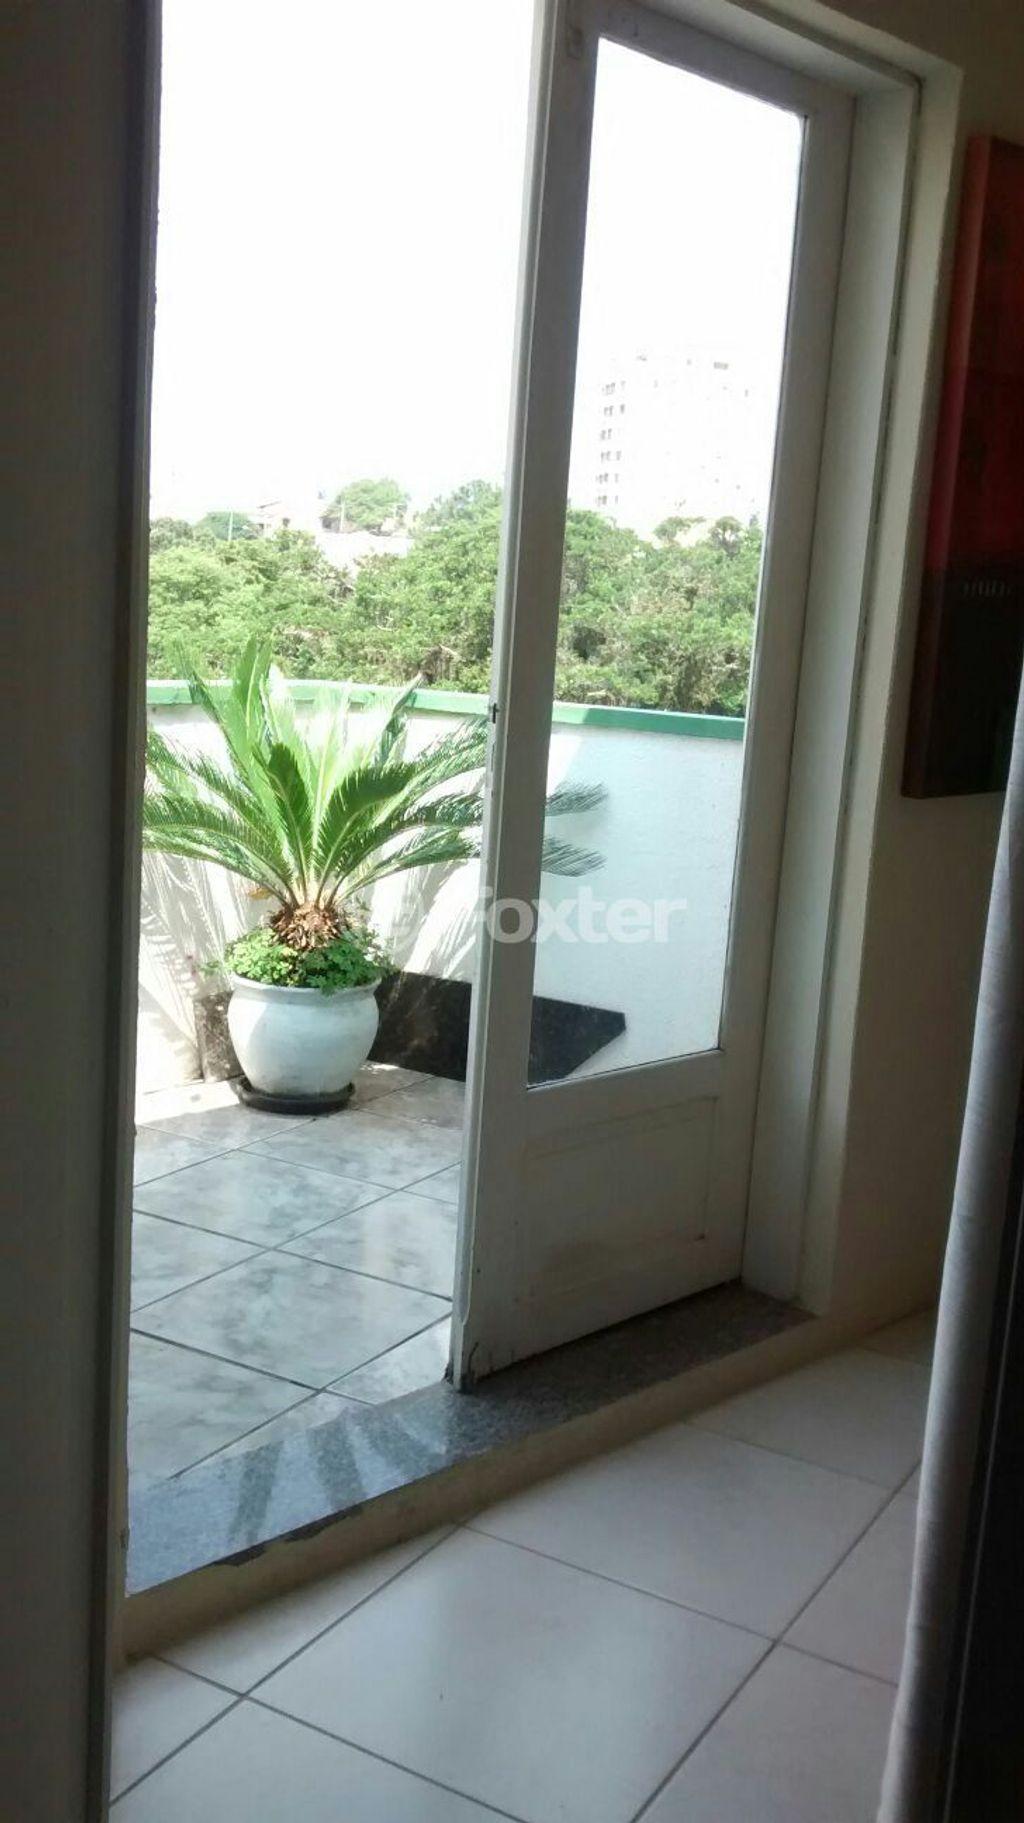 Foxter Imobiliária - Cobertura 1 Dorm (131260) - Foto 10